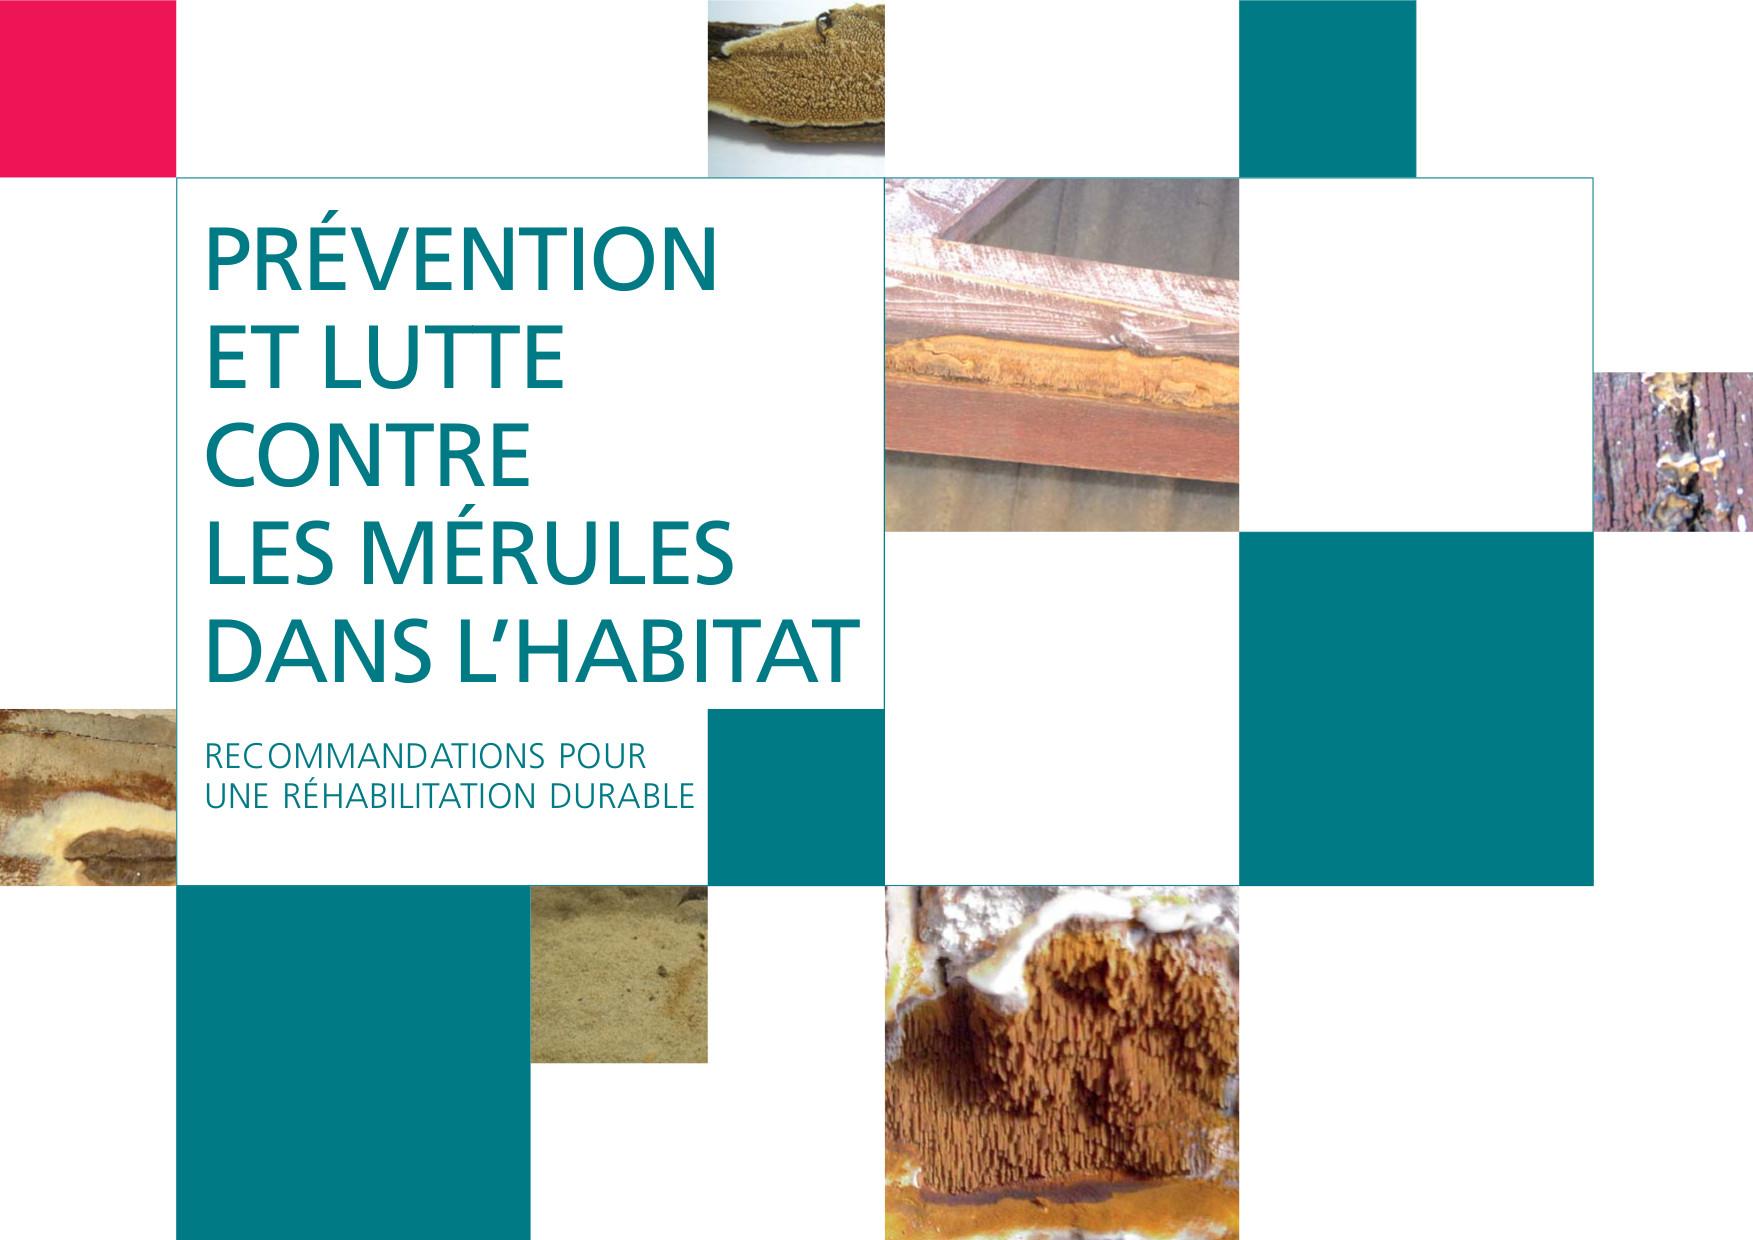 prévention et lutte contre les mérules dans l'habitat